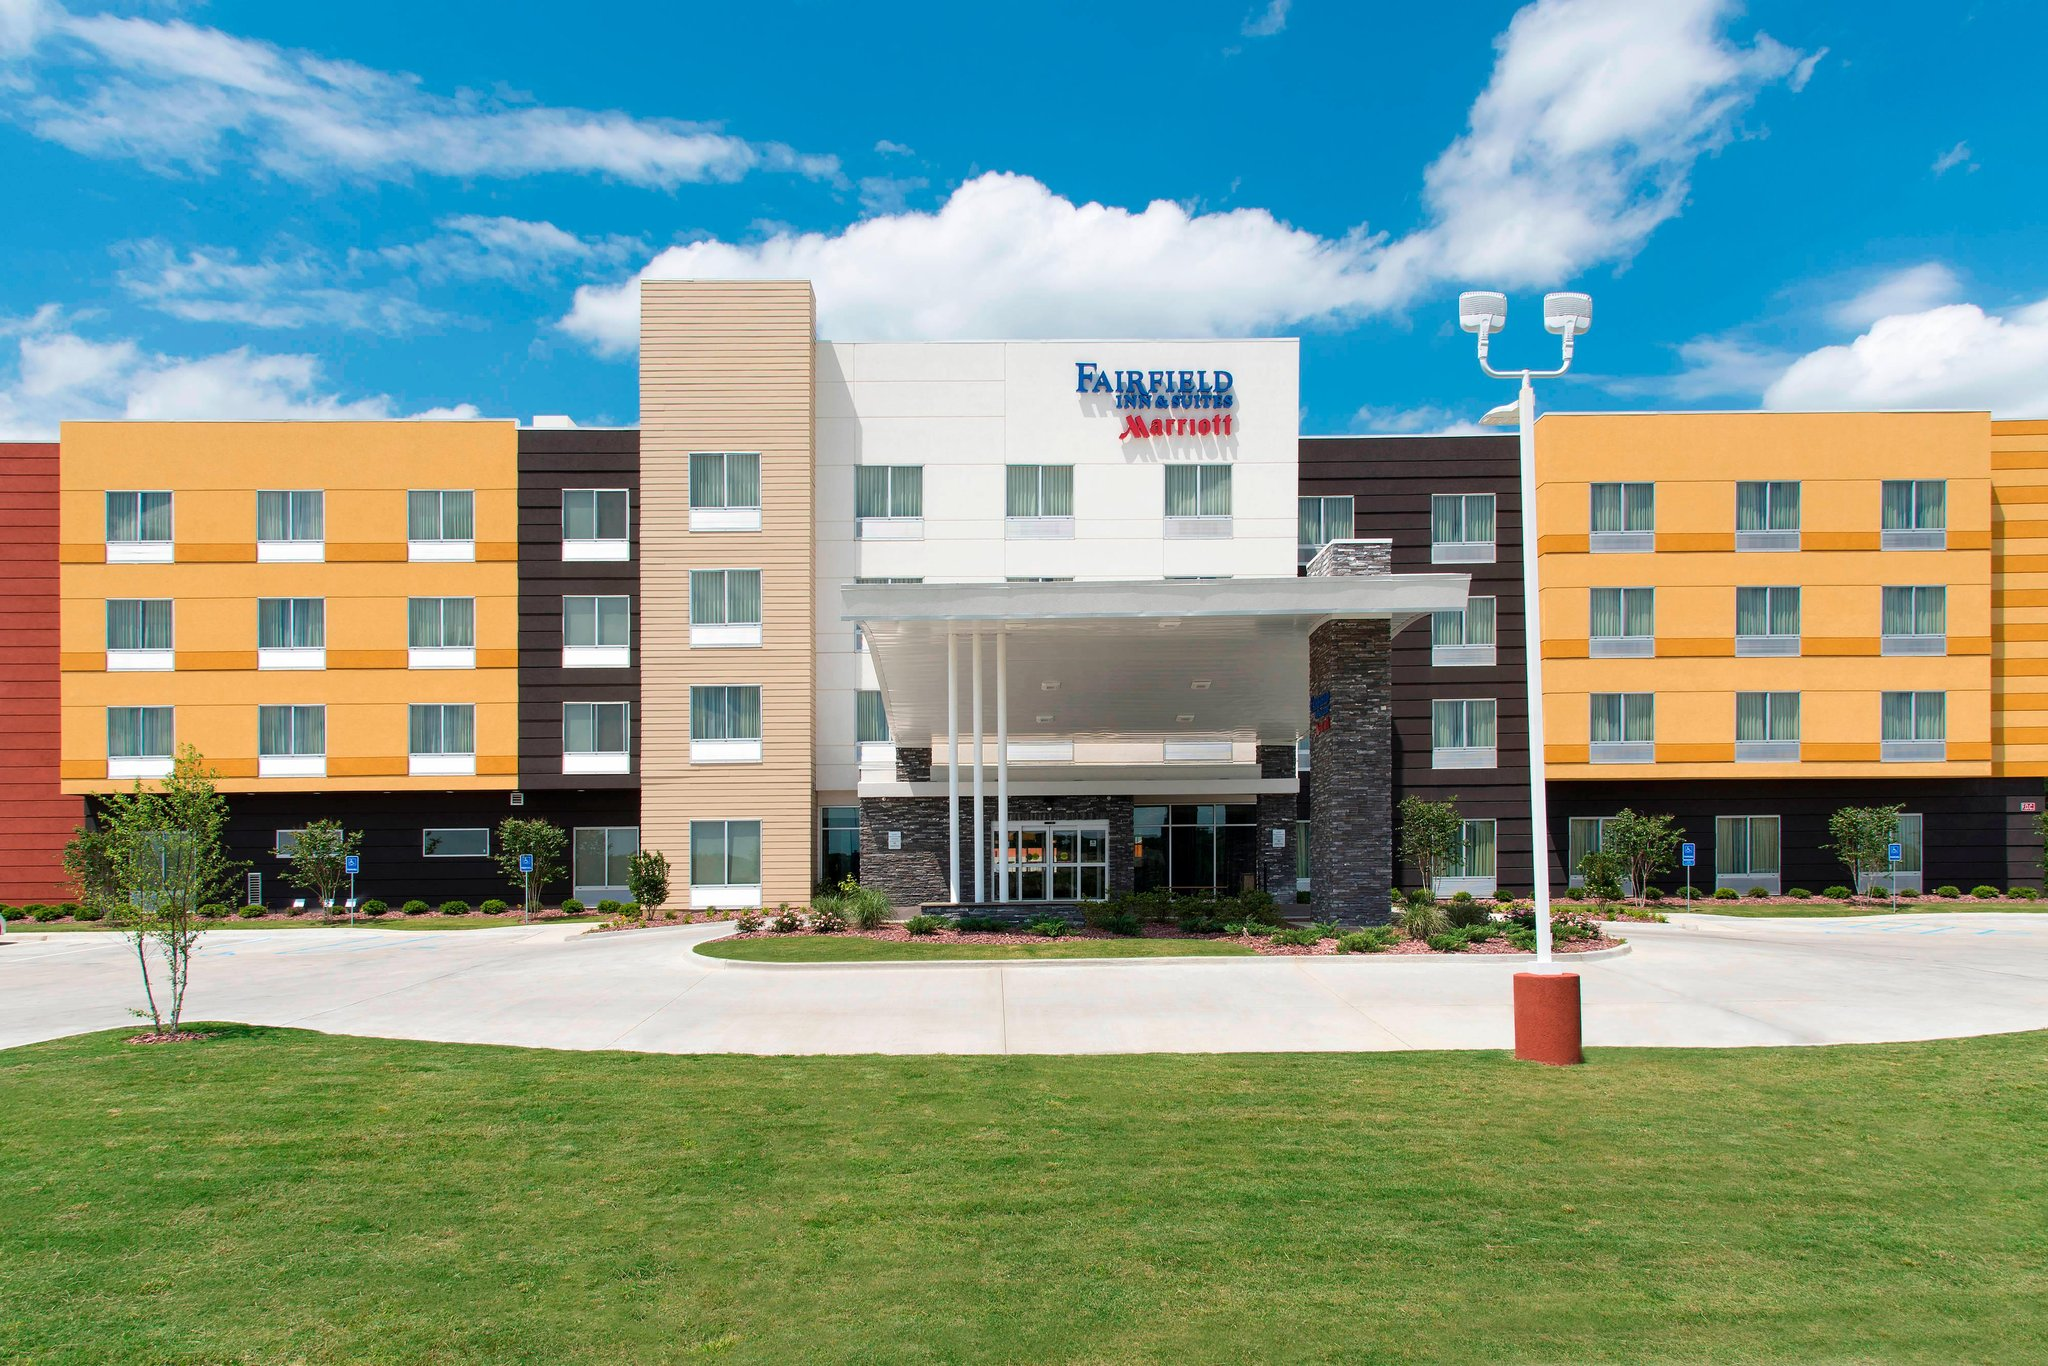 Fairfield Inn and Suites by Marriott Jackson Clinton